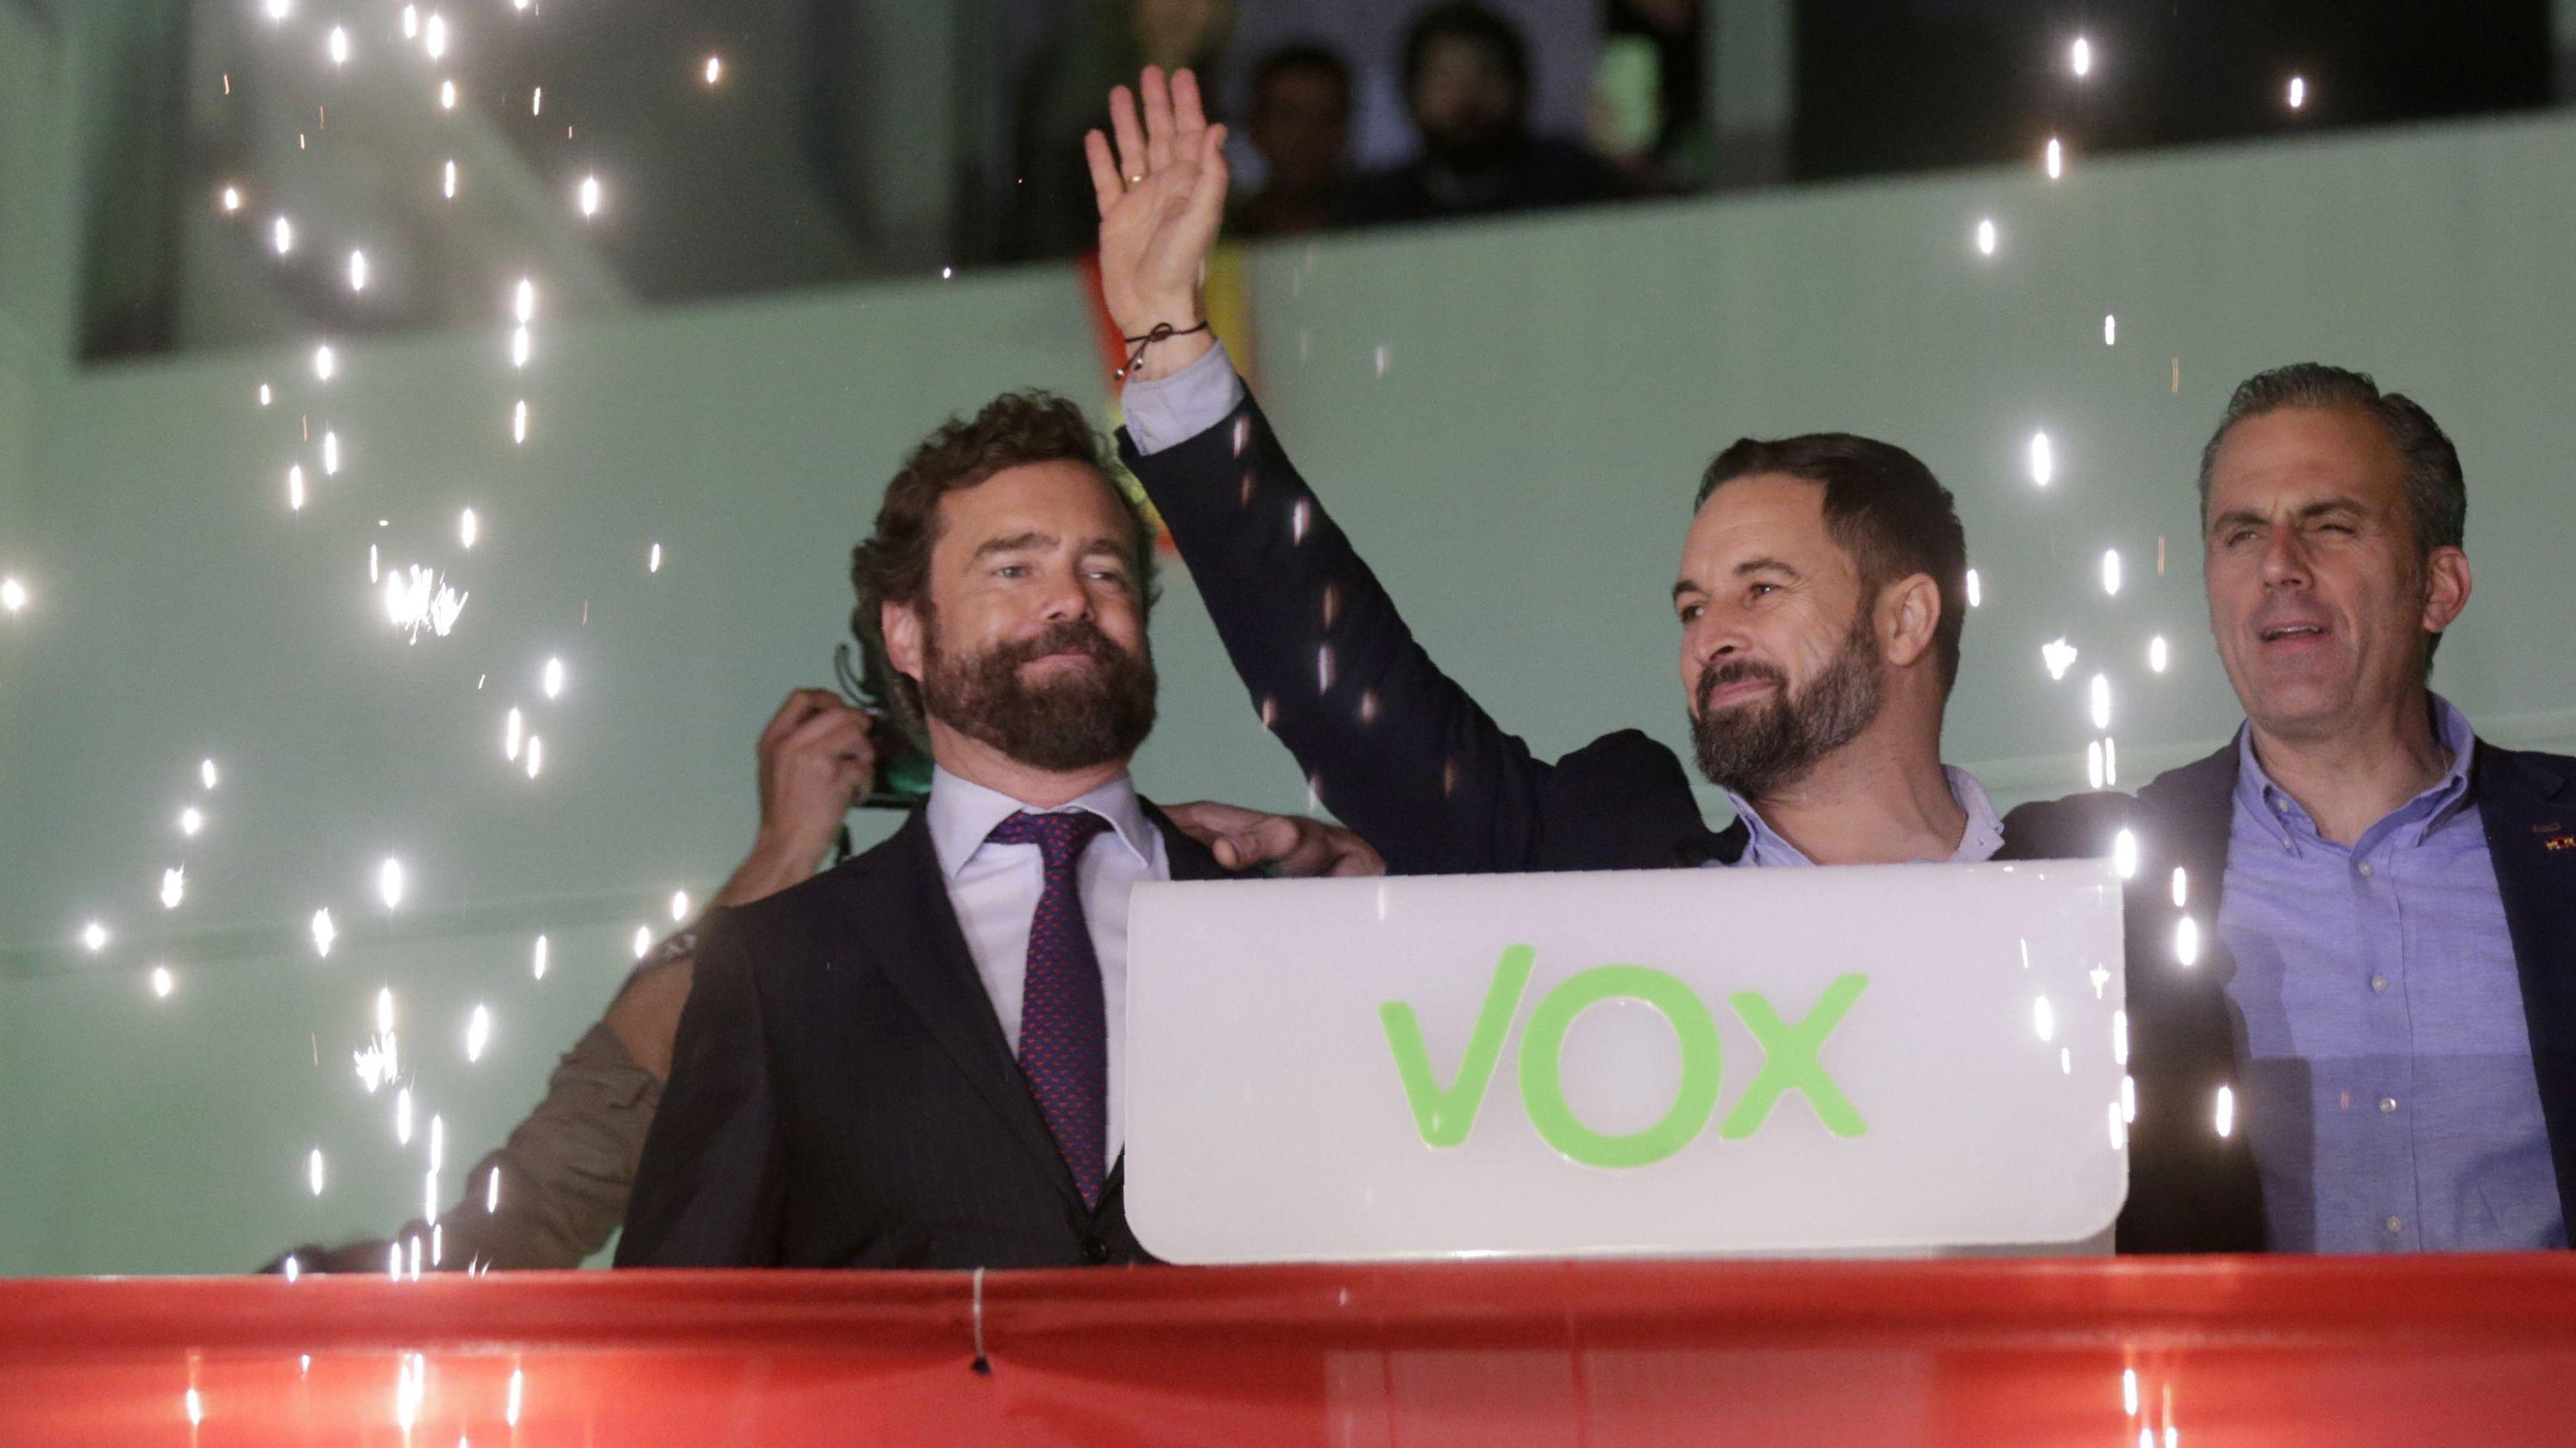 Santiago Abascal (M), Parteivorsitzender der rechtsextremen Vox-Partei, winkt nach der Bekanntgabe der ersten Wahlergebnisse Anhängern vor dem Parteizentrum zu. Rechts und links neben im sind Funken eines Feuerwerks